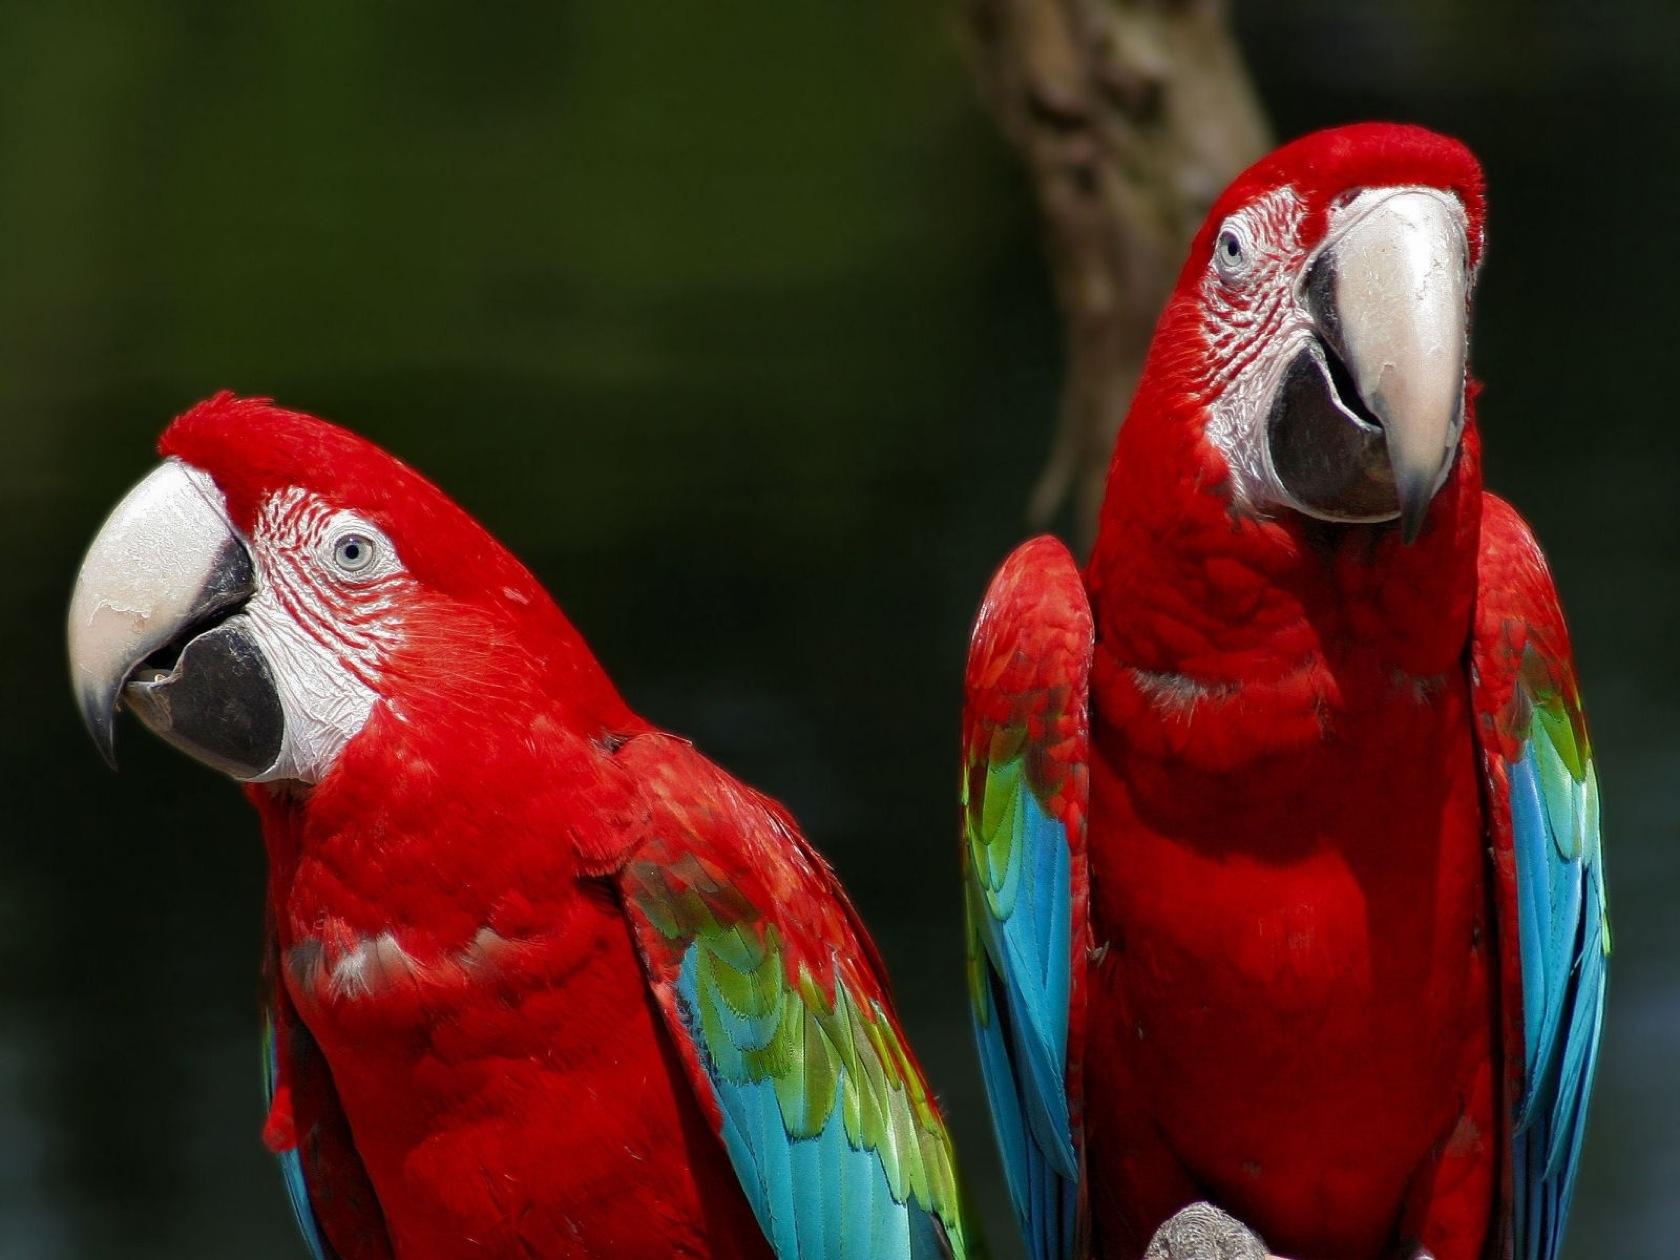 Parrot Bird Red